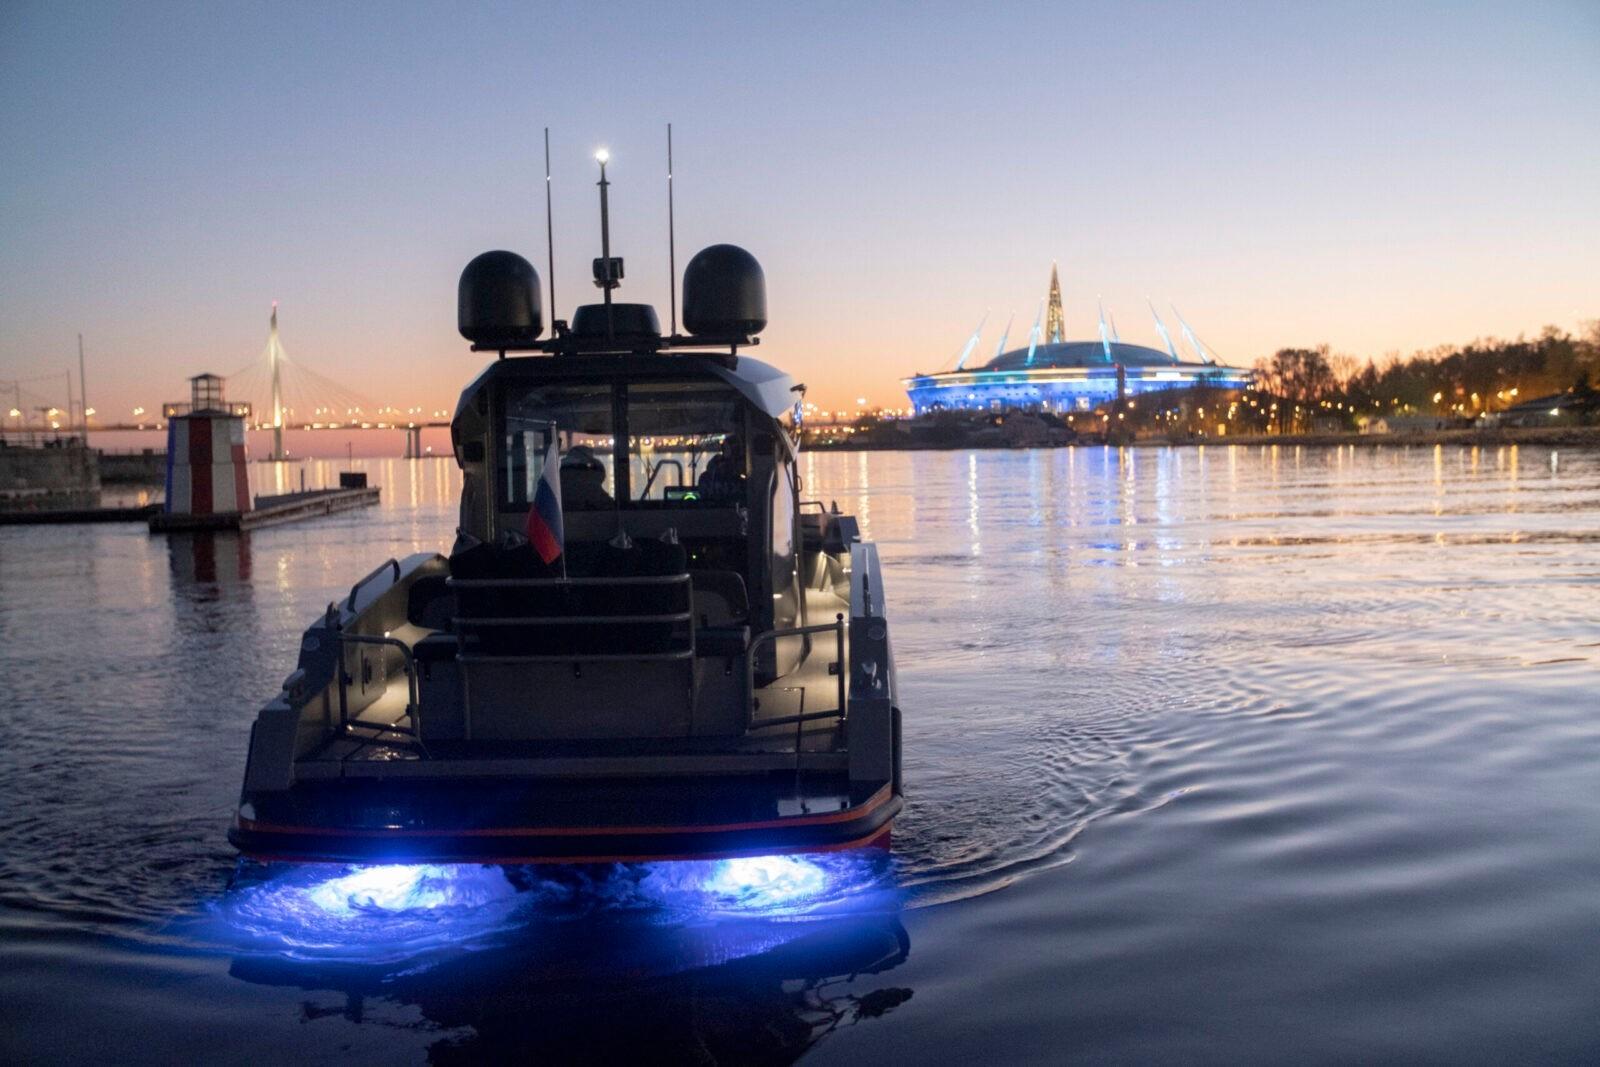 Подводные фонари, 2 x Lumishore SMX-153 с функцией изменения цвета